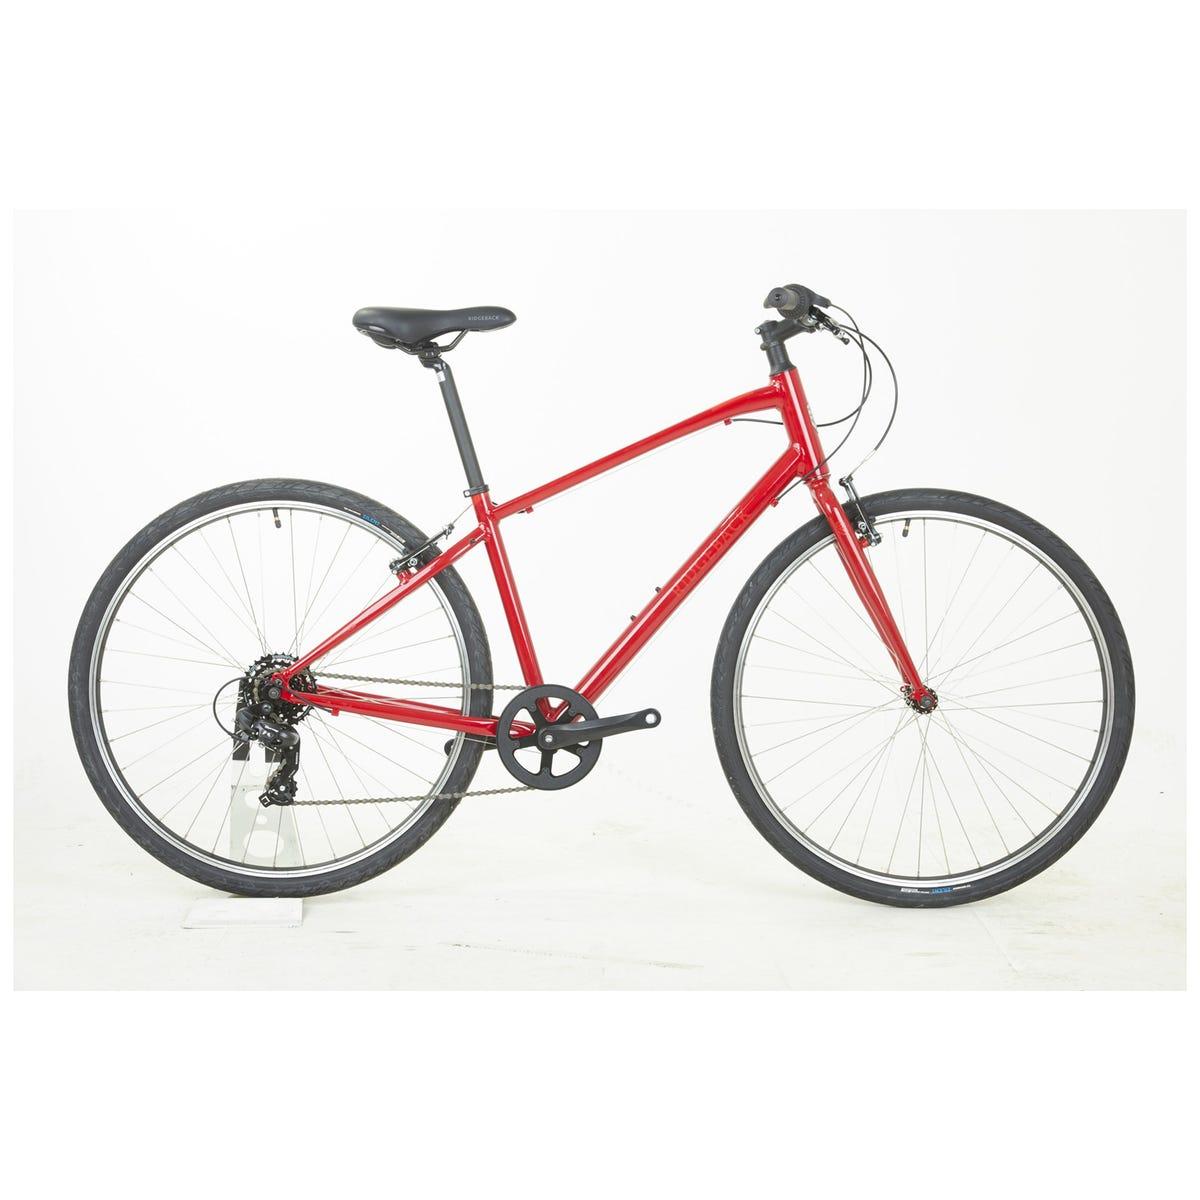 Ridgeback Comet Medium Sample Bike (Used)